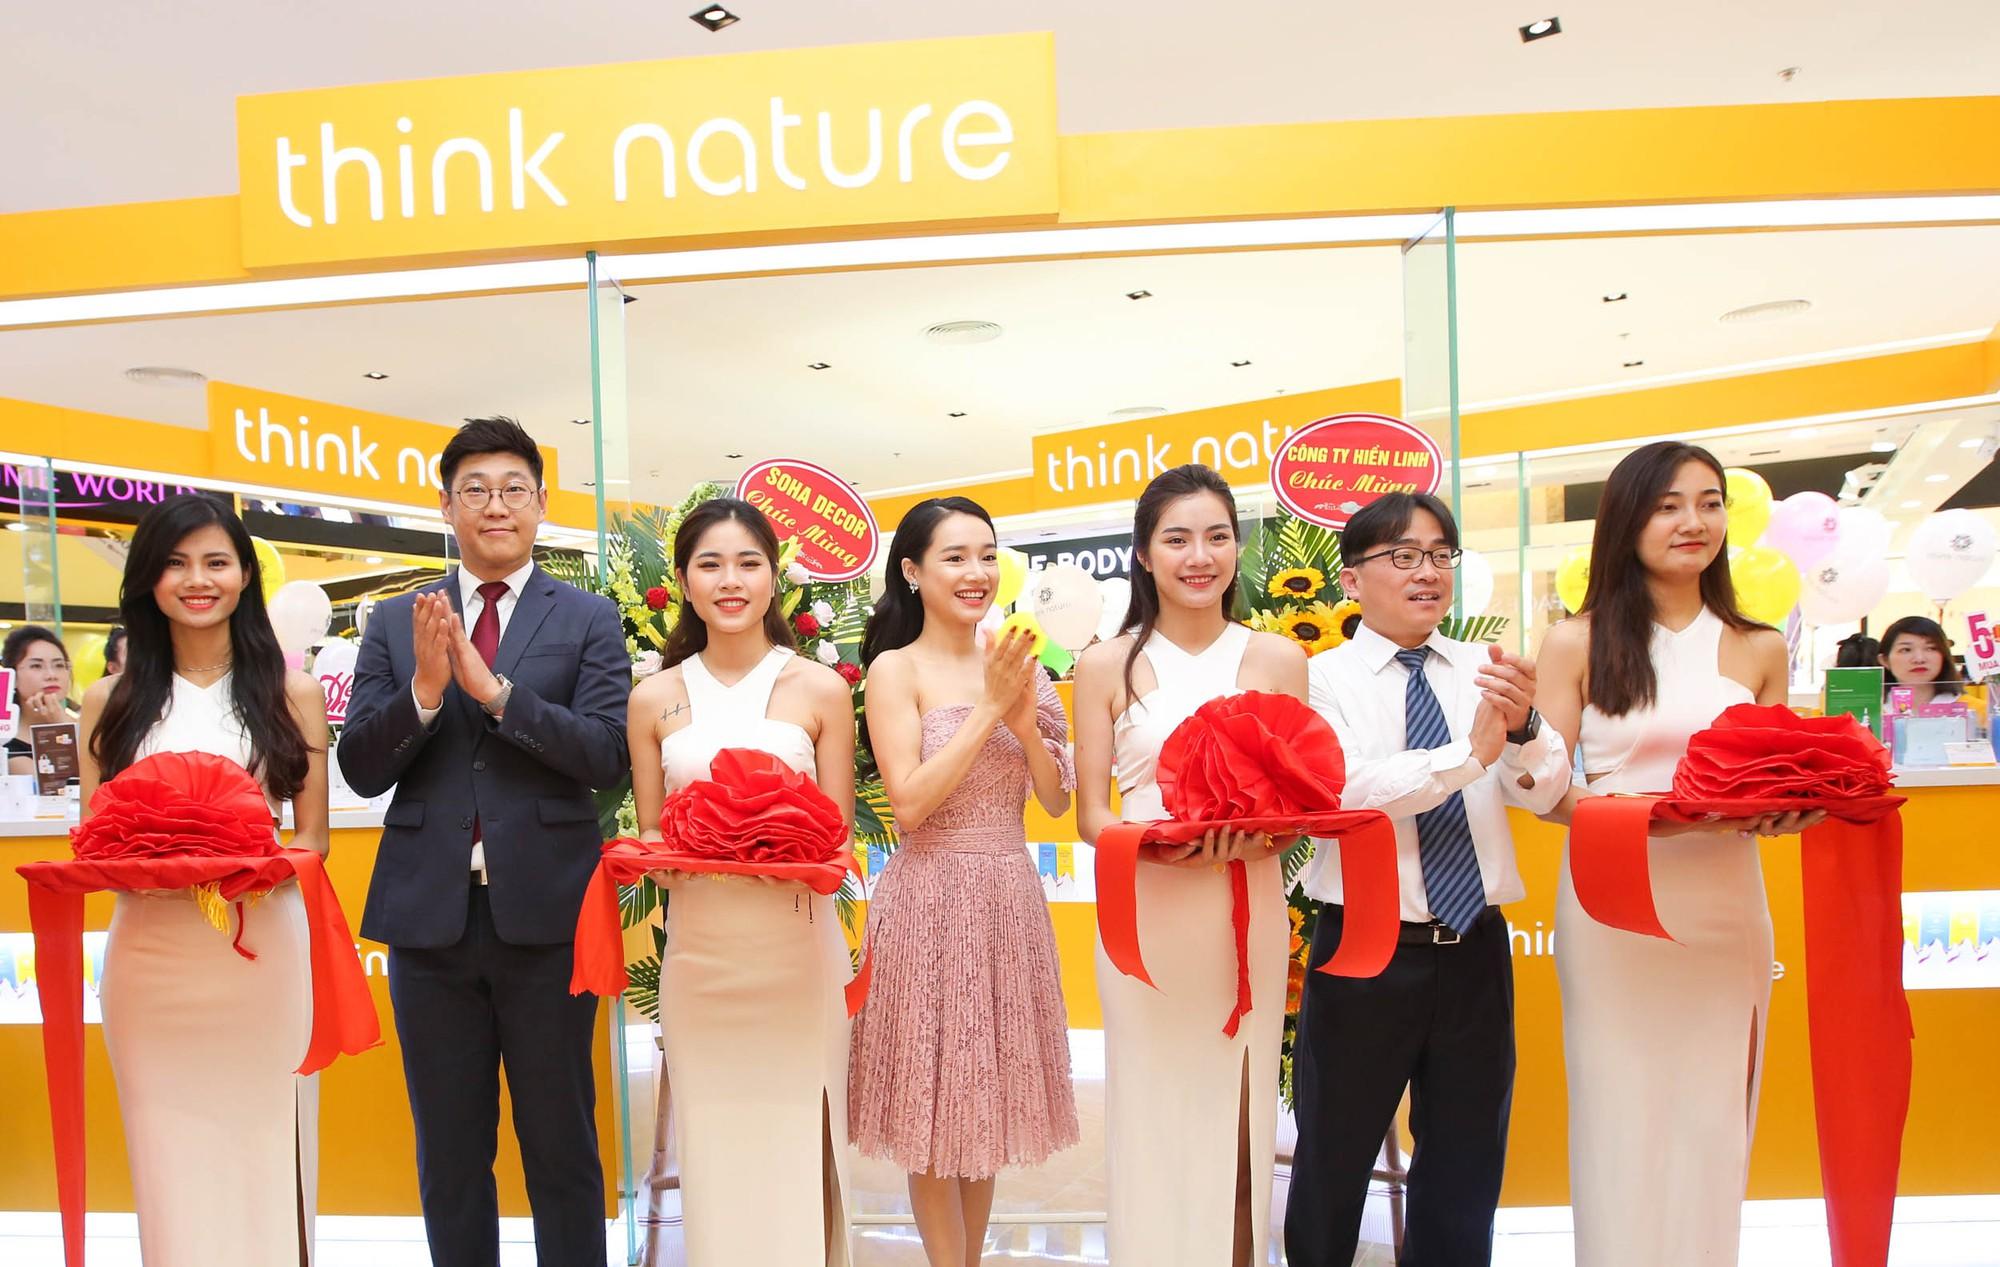 Think Nature khai trương store thứ 5 chào hè 2019 - Ảnh 1.